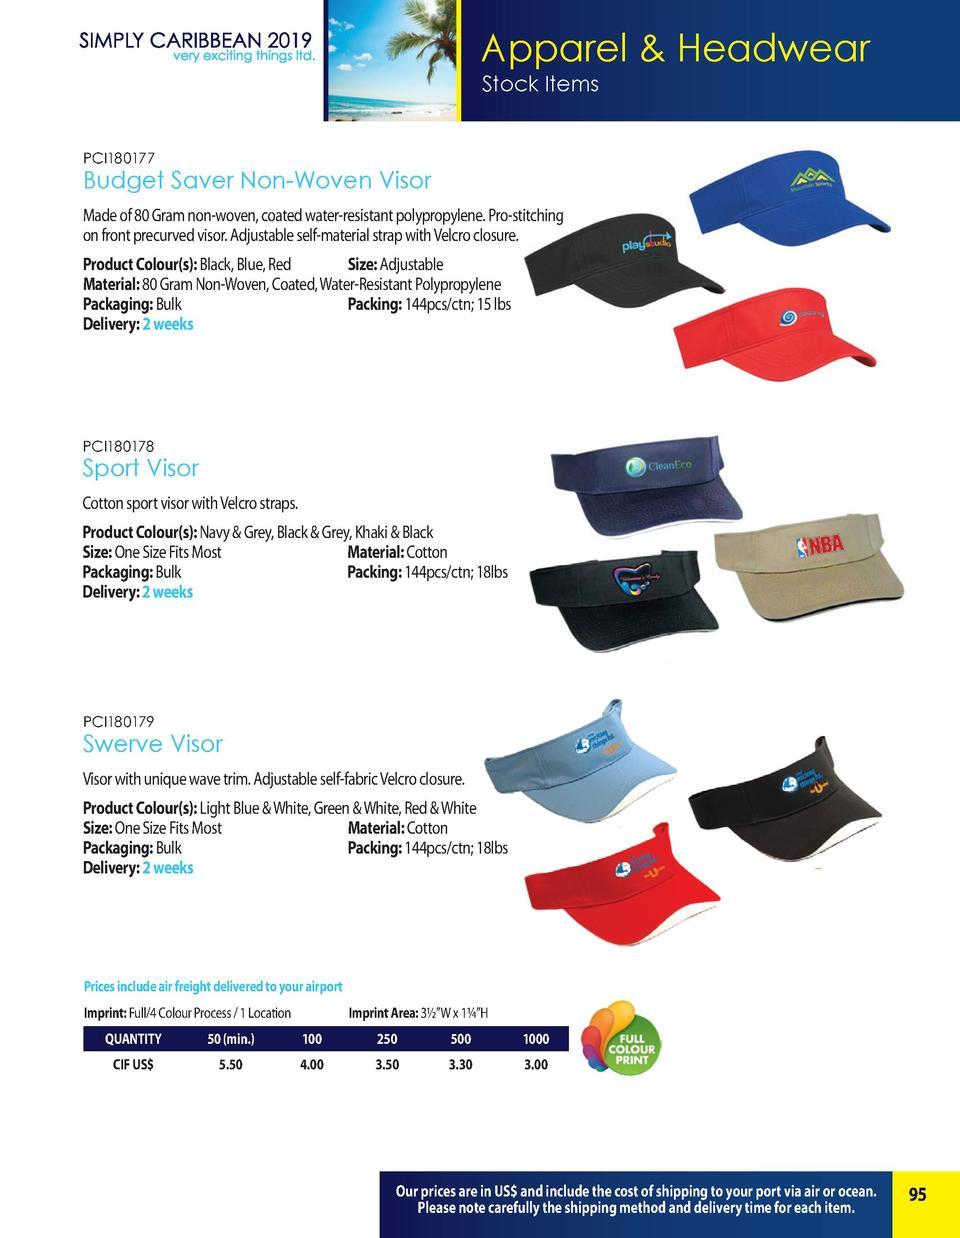 5d4e896894ad13 Apparel Headwear Stock Items PCI180177 Budget Saver Non-Woven Visor Made of  80 Gram non